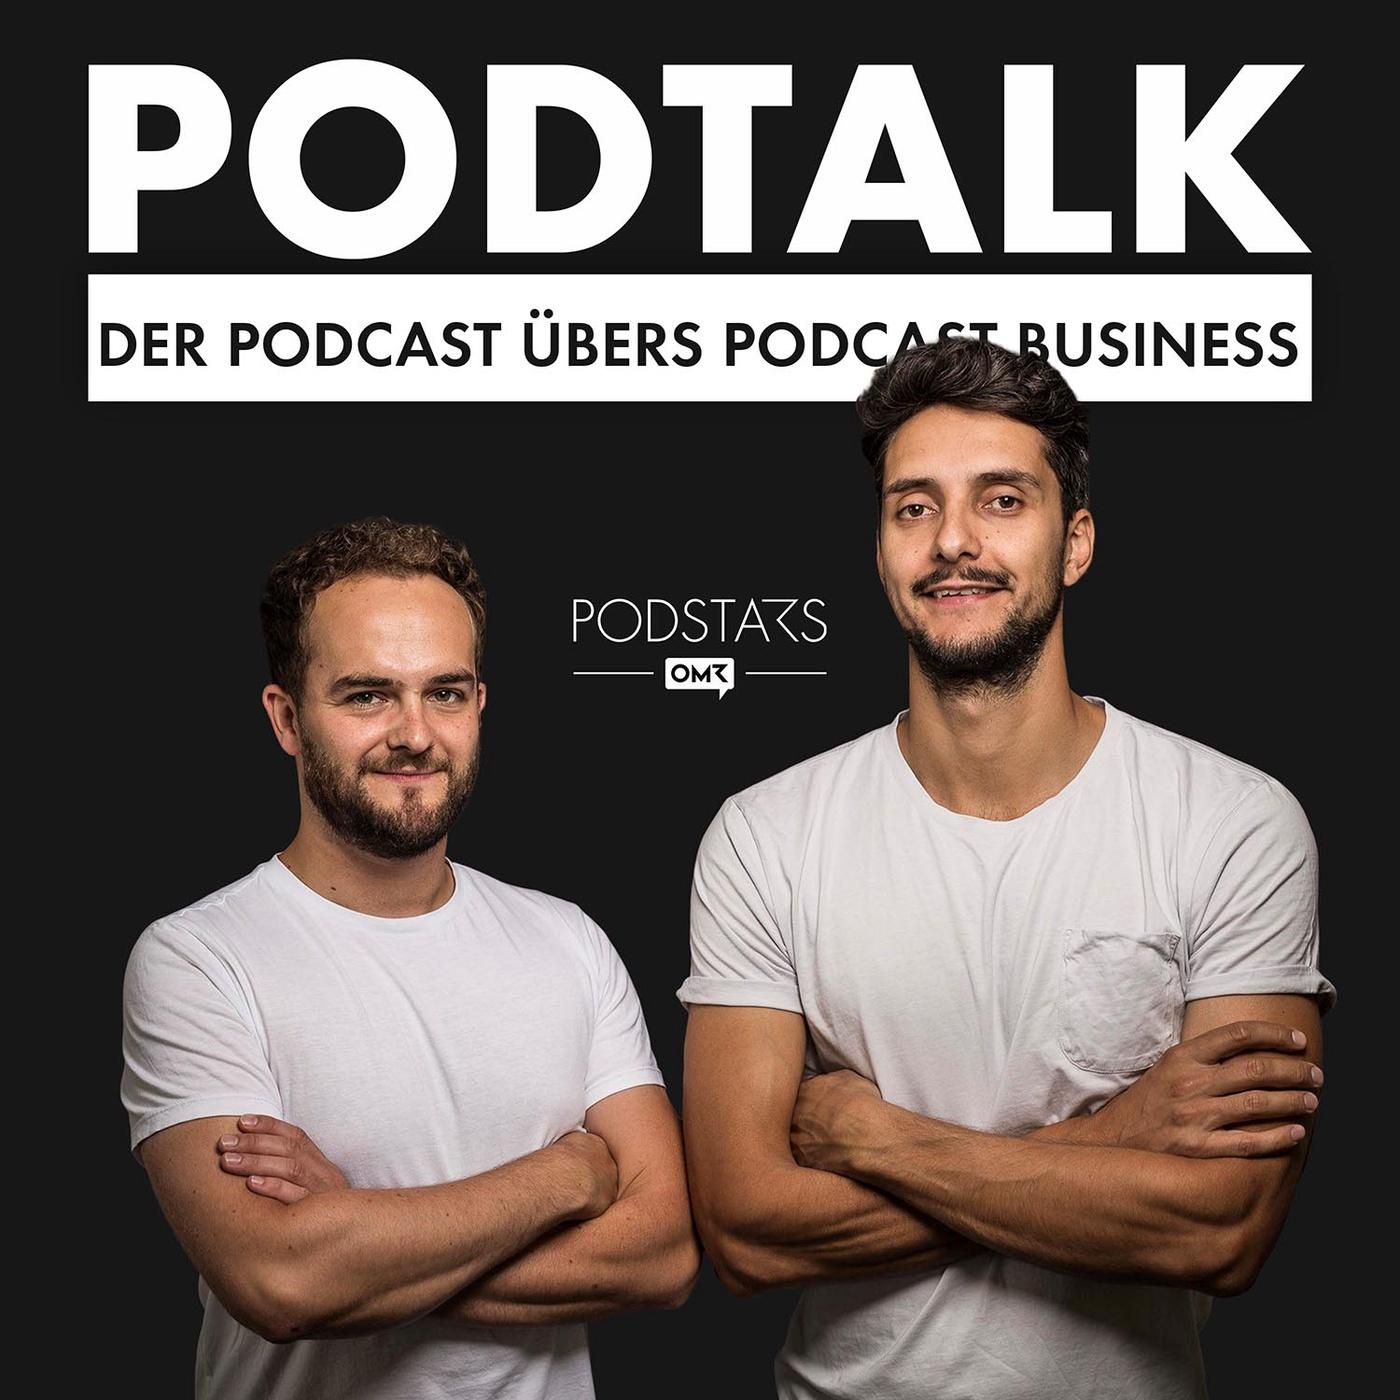 PodTalk #20 Prognosen für 2021 und ein Interview mit Michael Hoeweler (Amazon Music Deutschland)